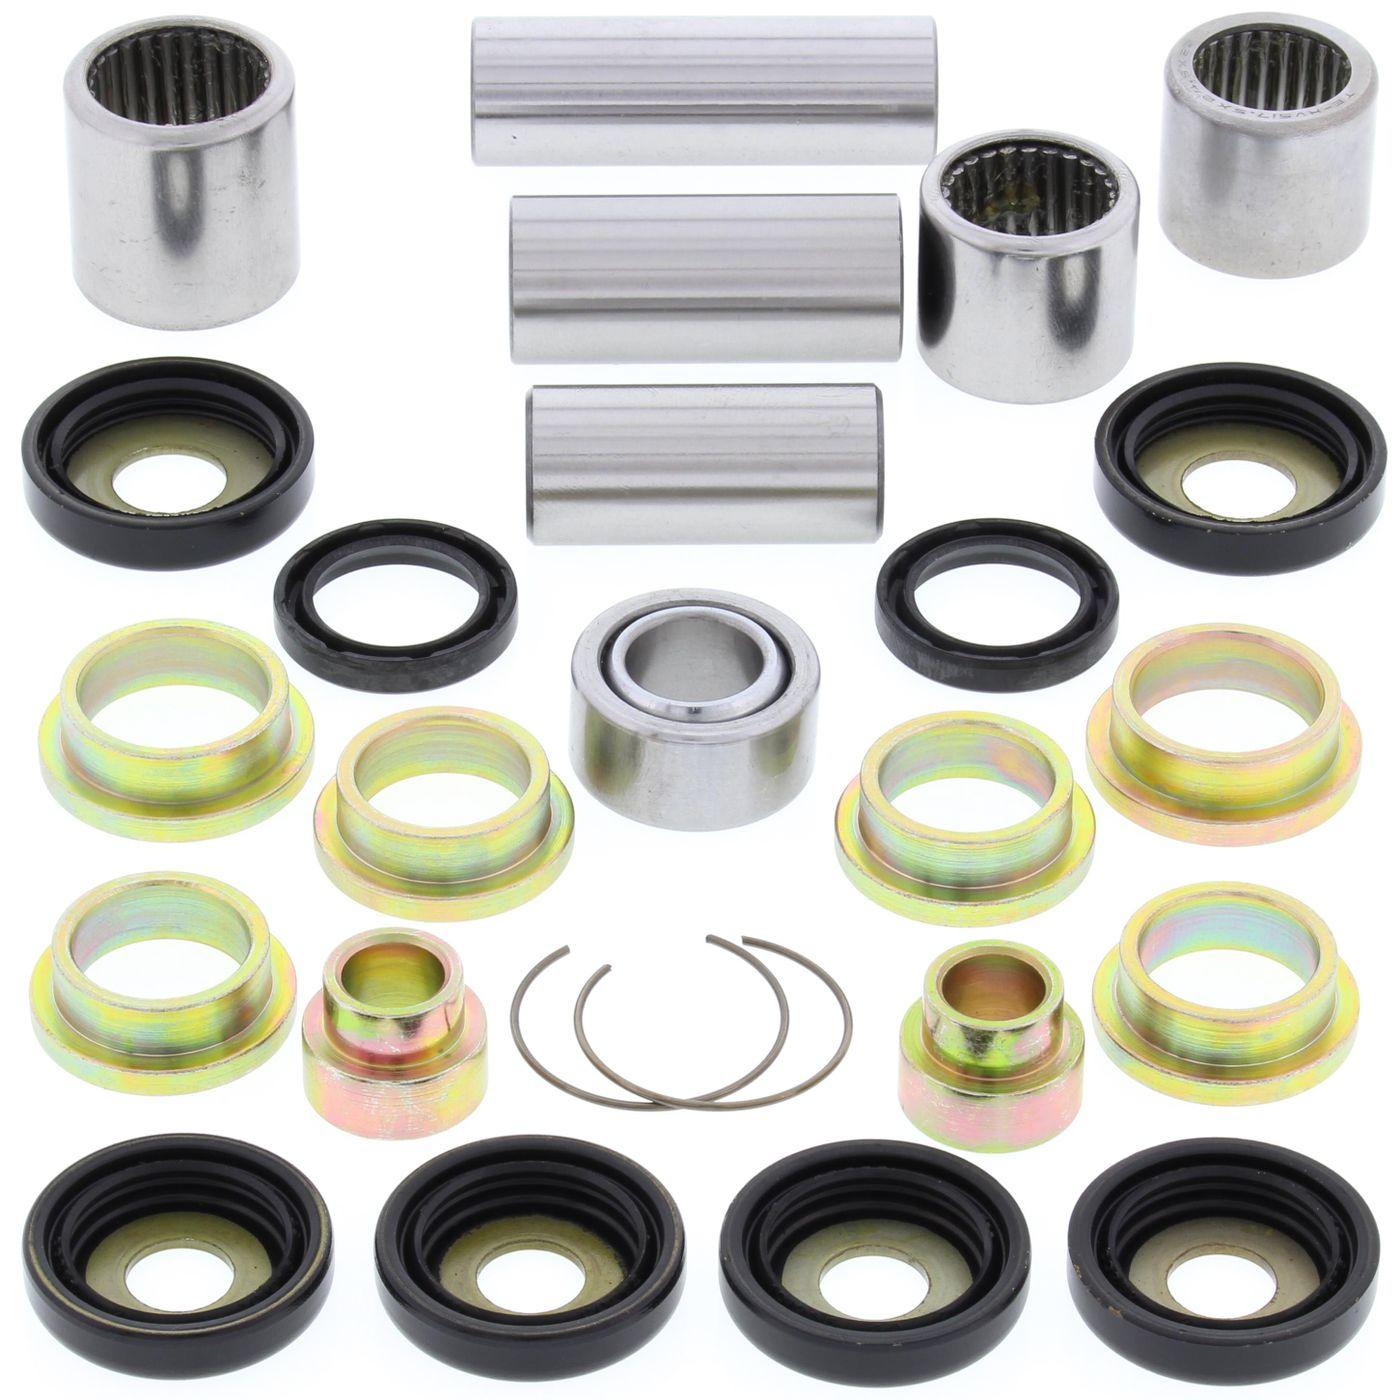 Wrp Shock Linkage Bearing Kits - WRP271016 image